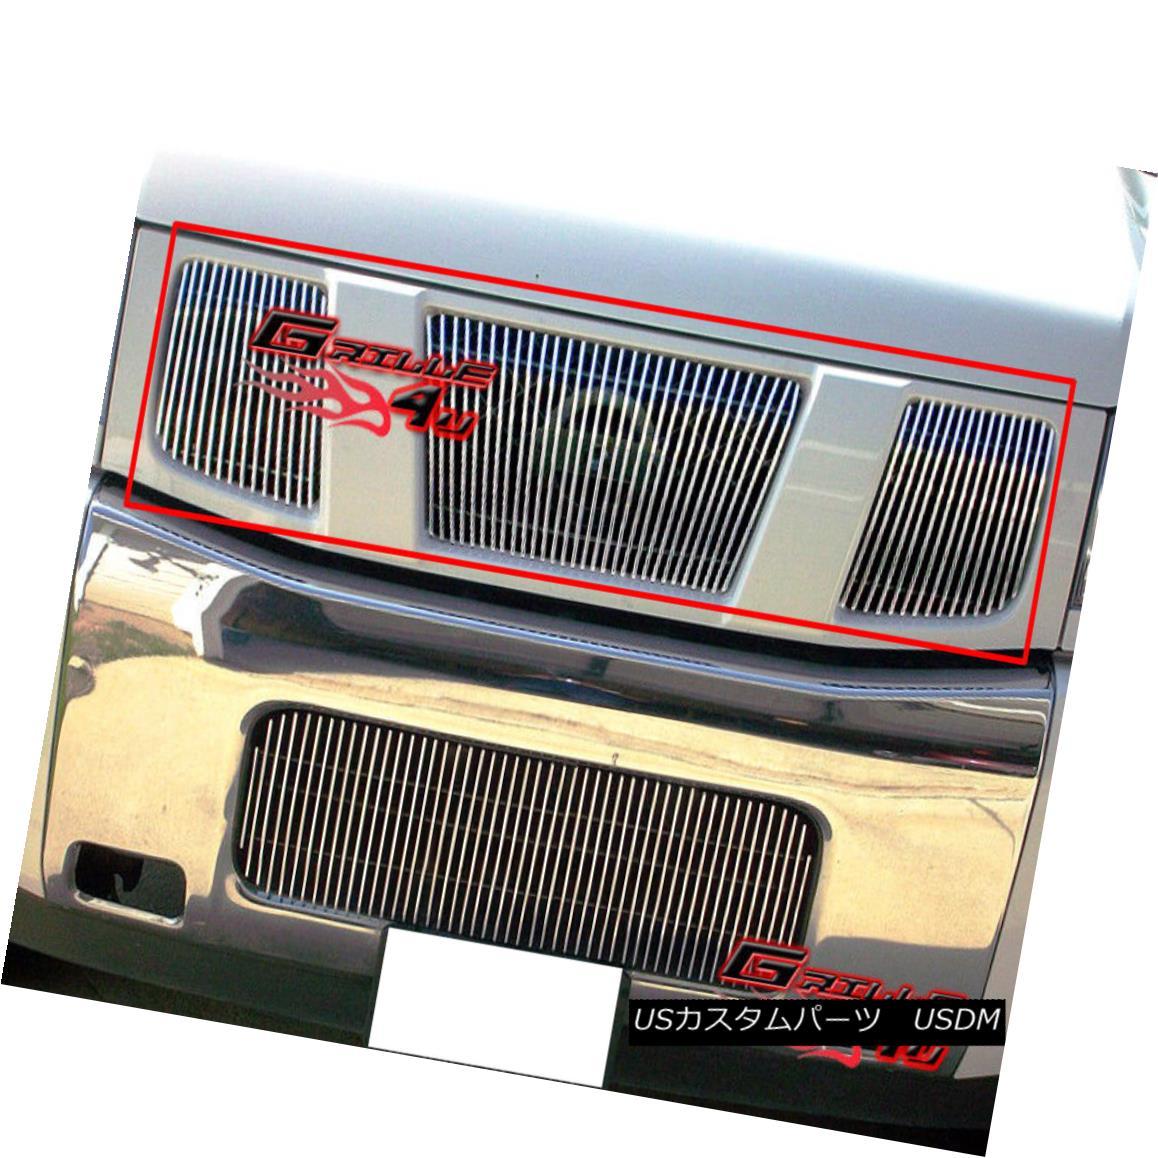 グリル Fits 04-07 Nissan Titan/Armada Vertical Main Upper Billet Grille Insert フィット04-07 Nissan Titan / Armada垂直メインアッパービレットグリルインサート